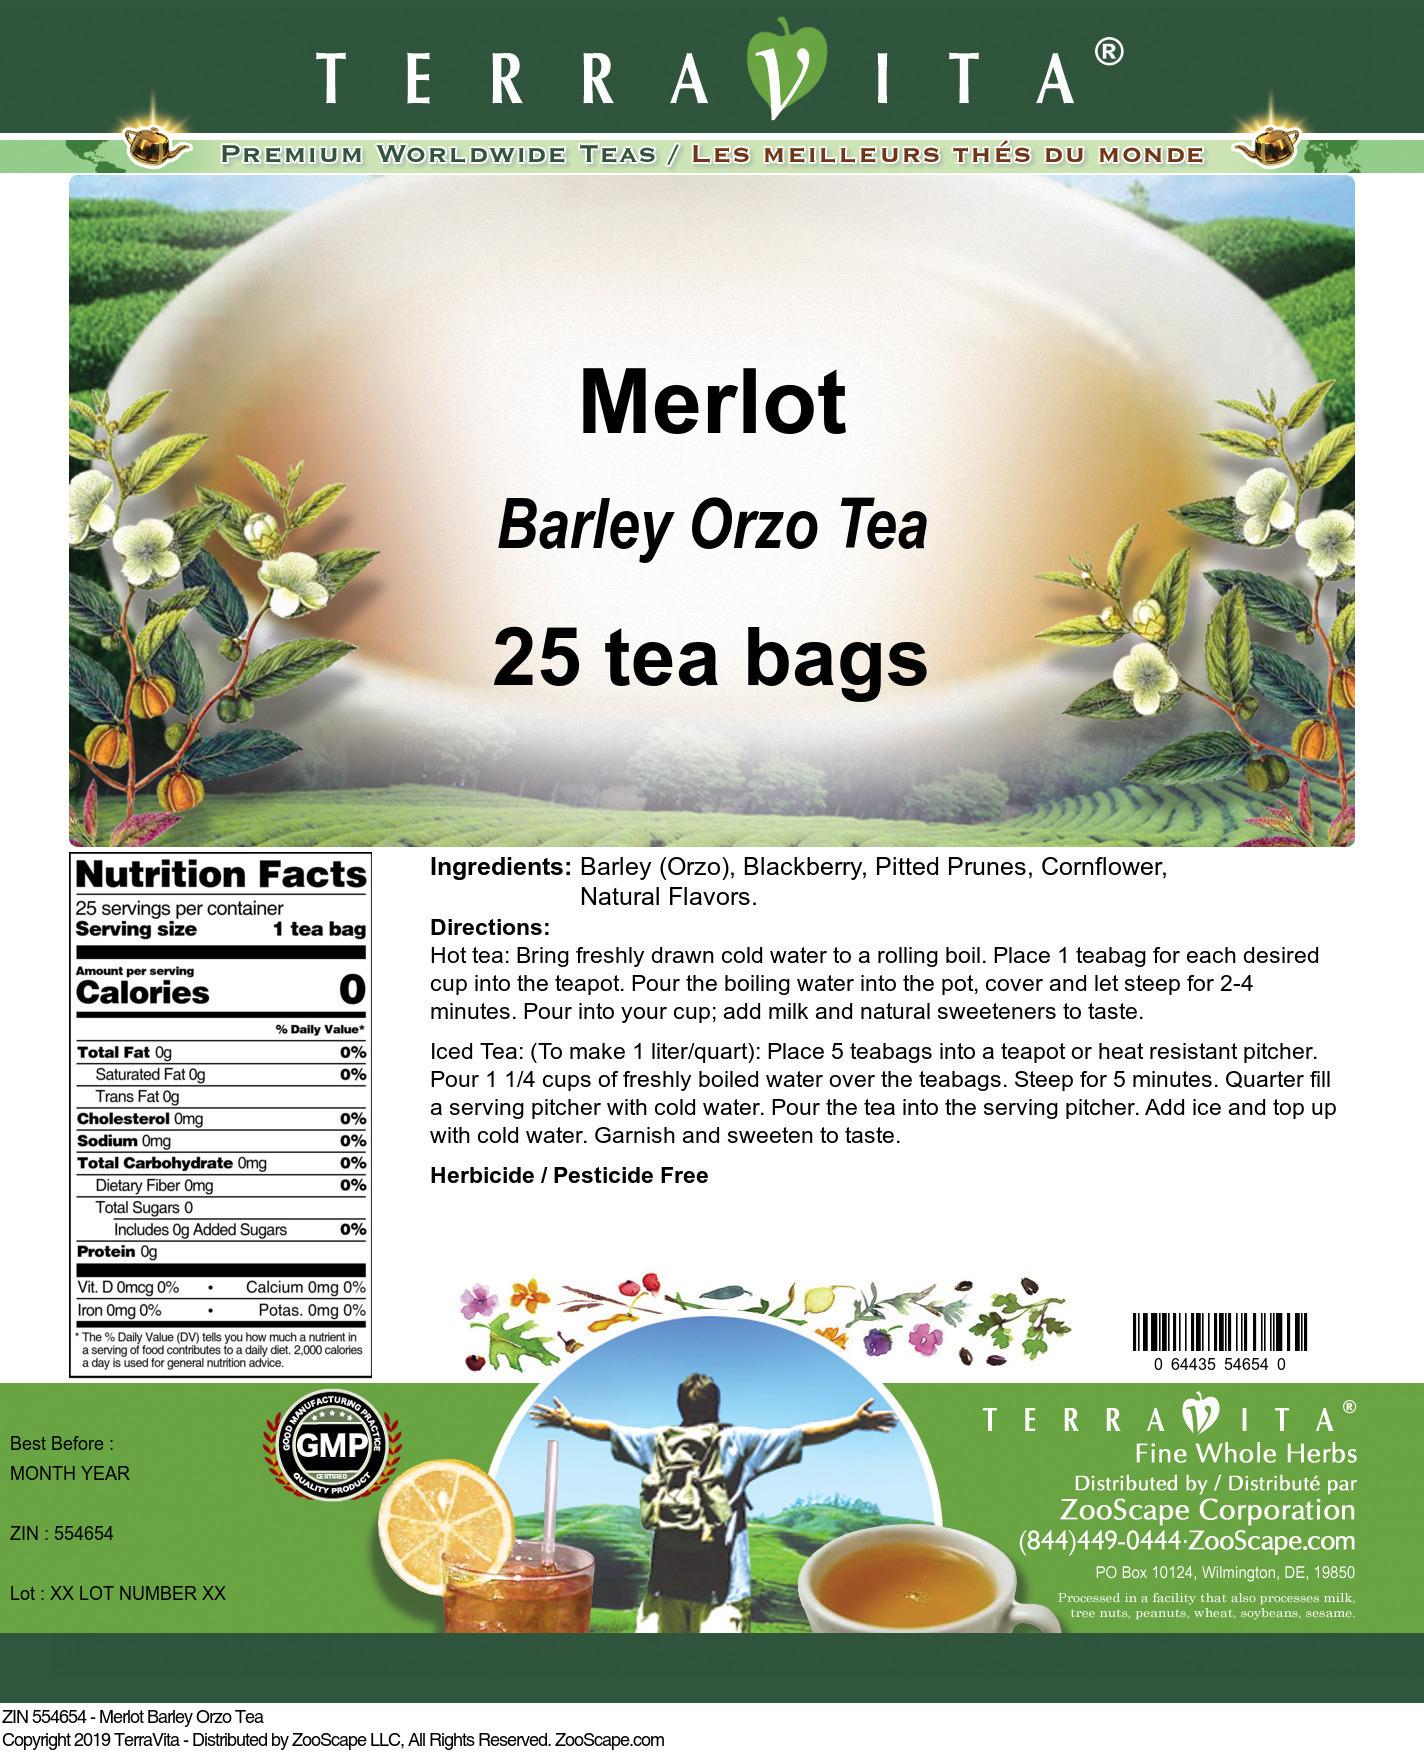 Merlot Barley Orzo Tea